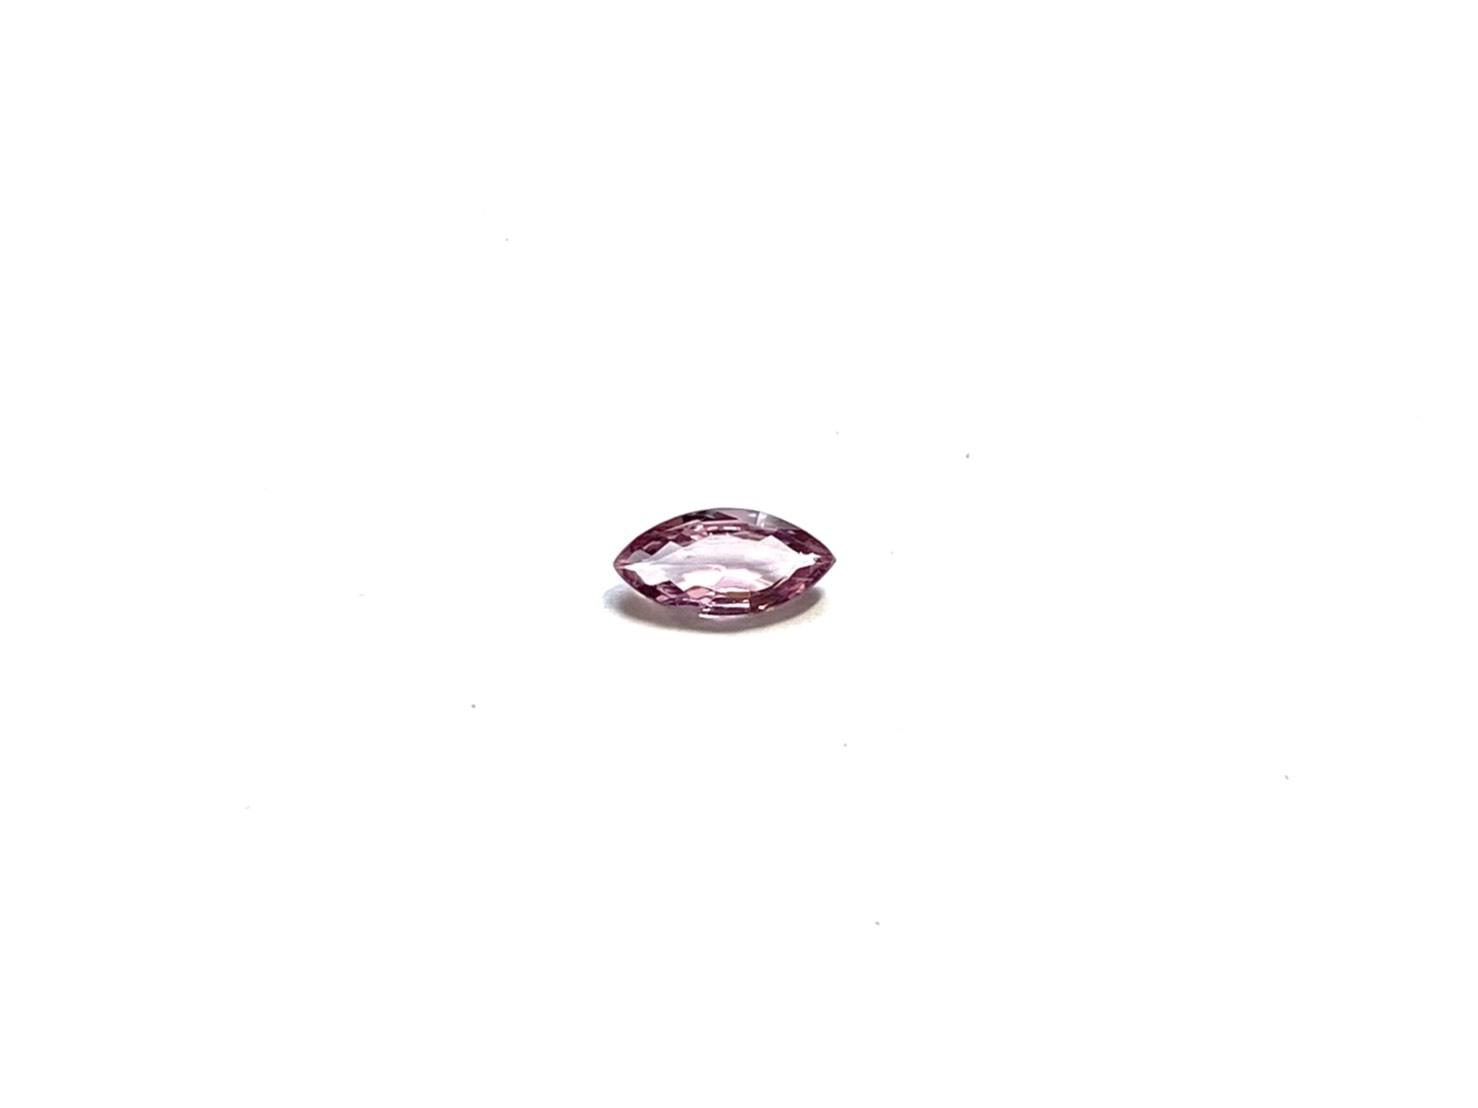 パパラチアサファイヤ+おまけ1石[No,k-3718]